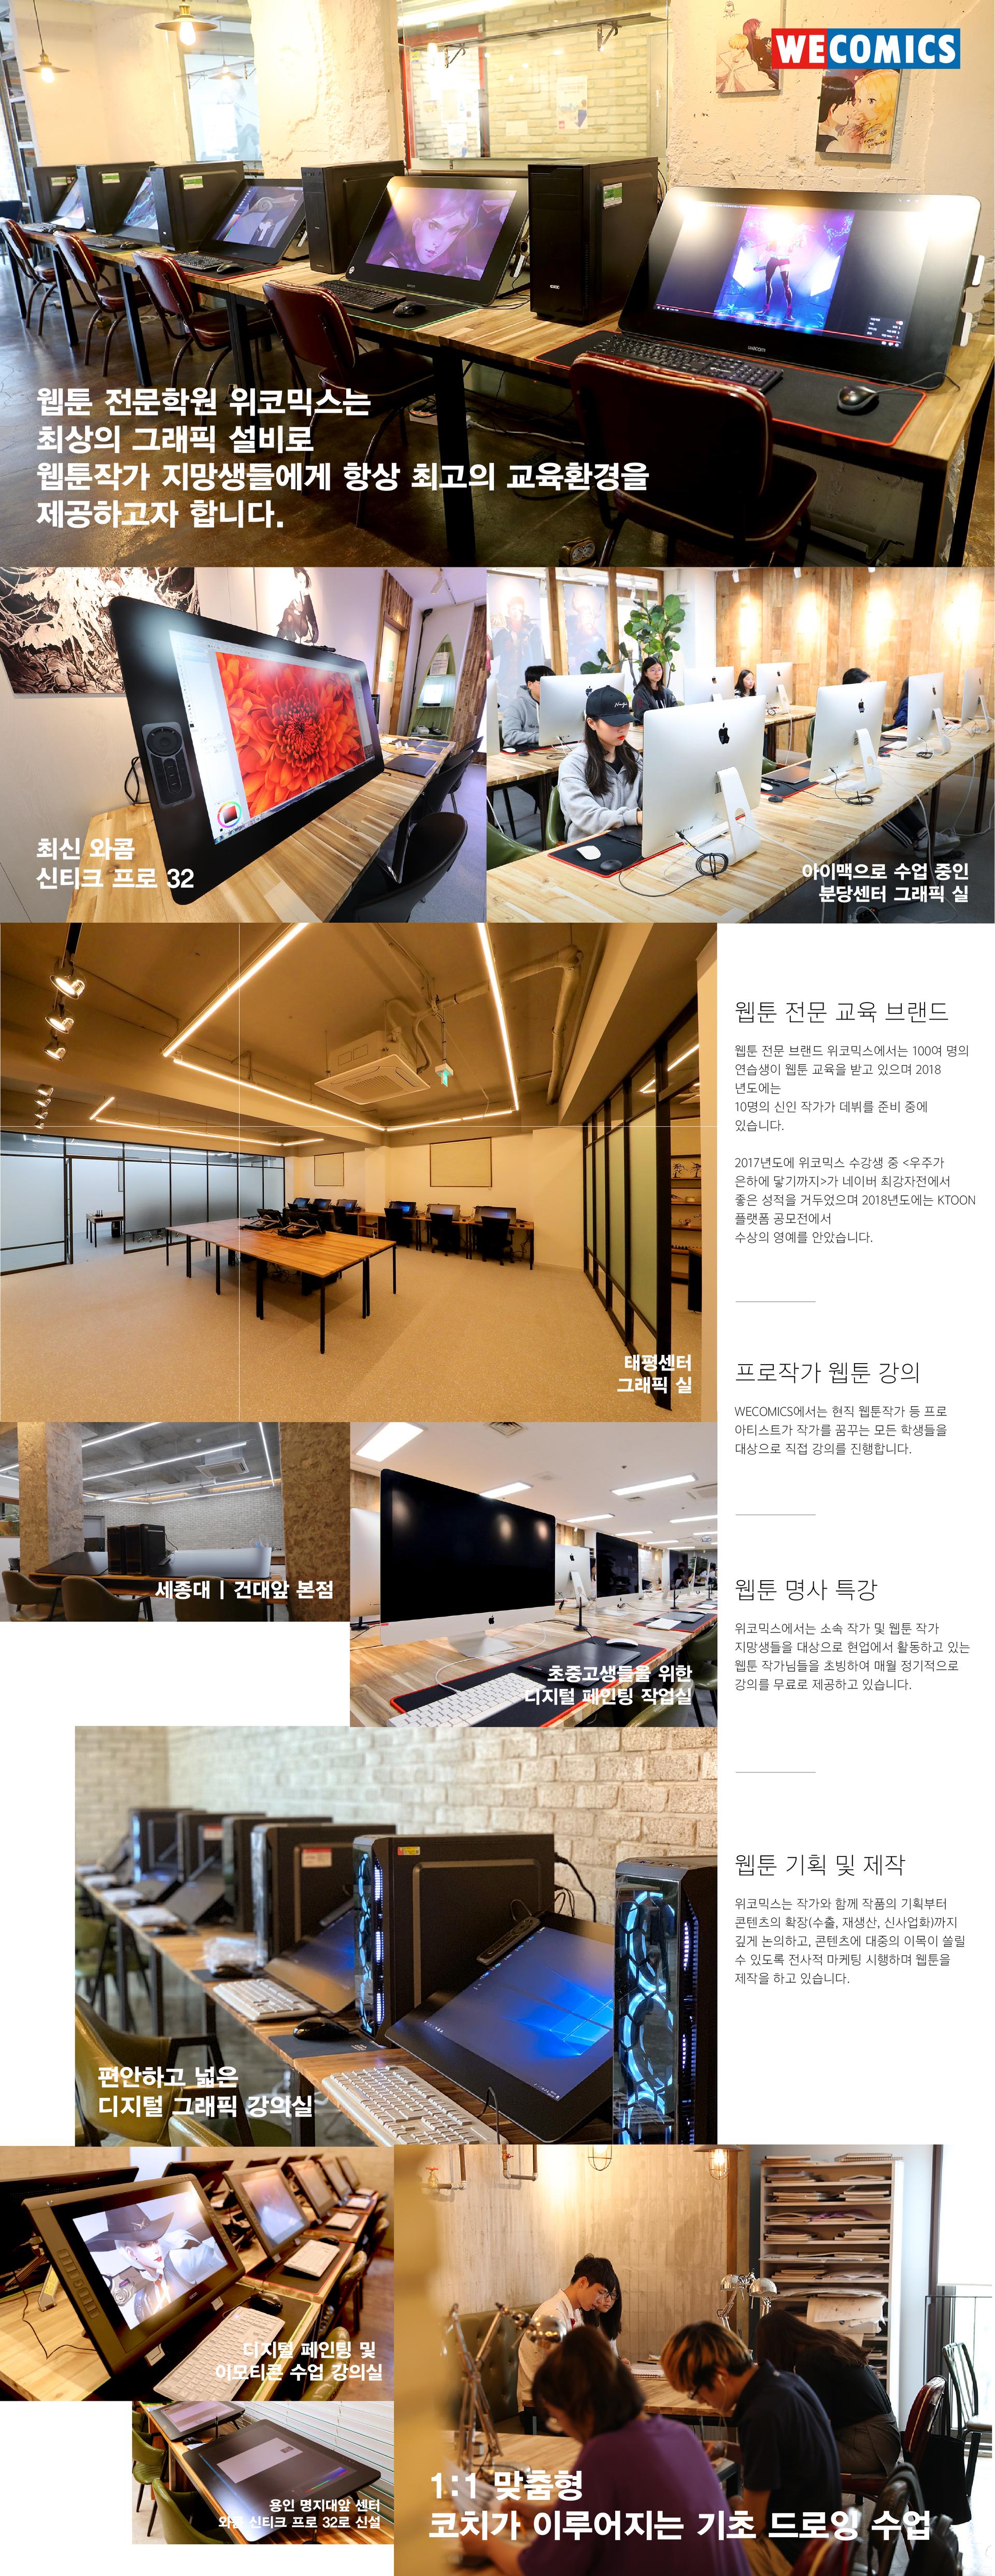 위코믹스 교육환경 및 센터안내